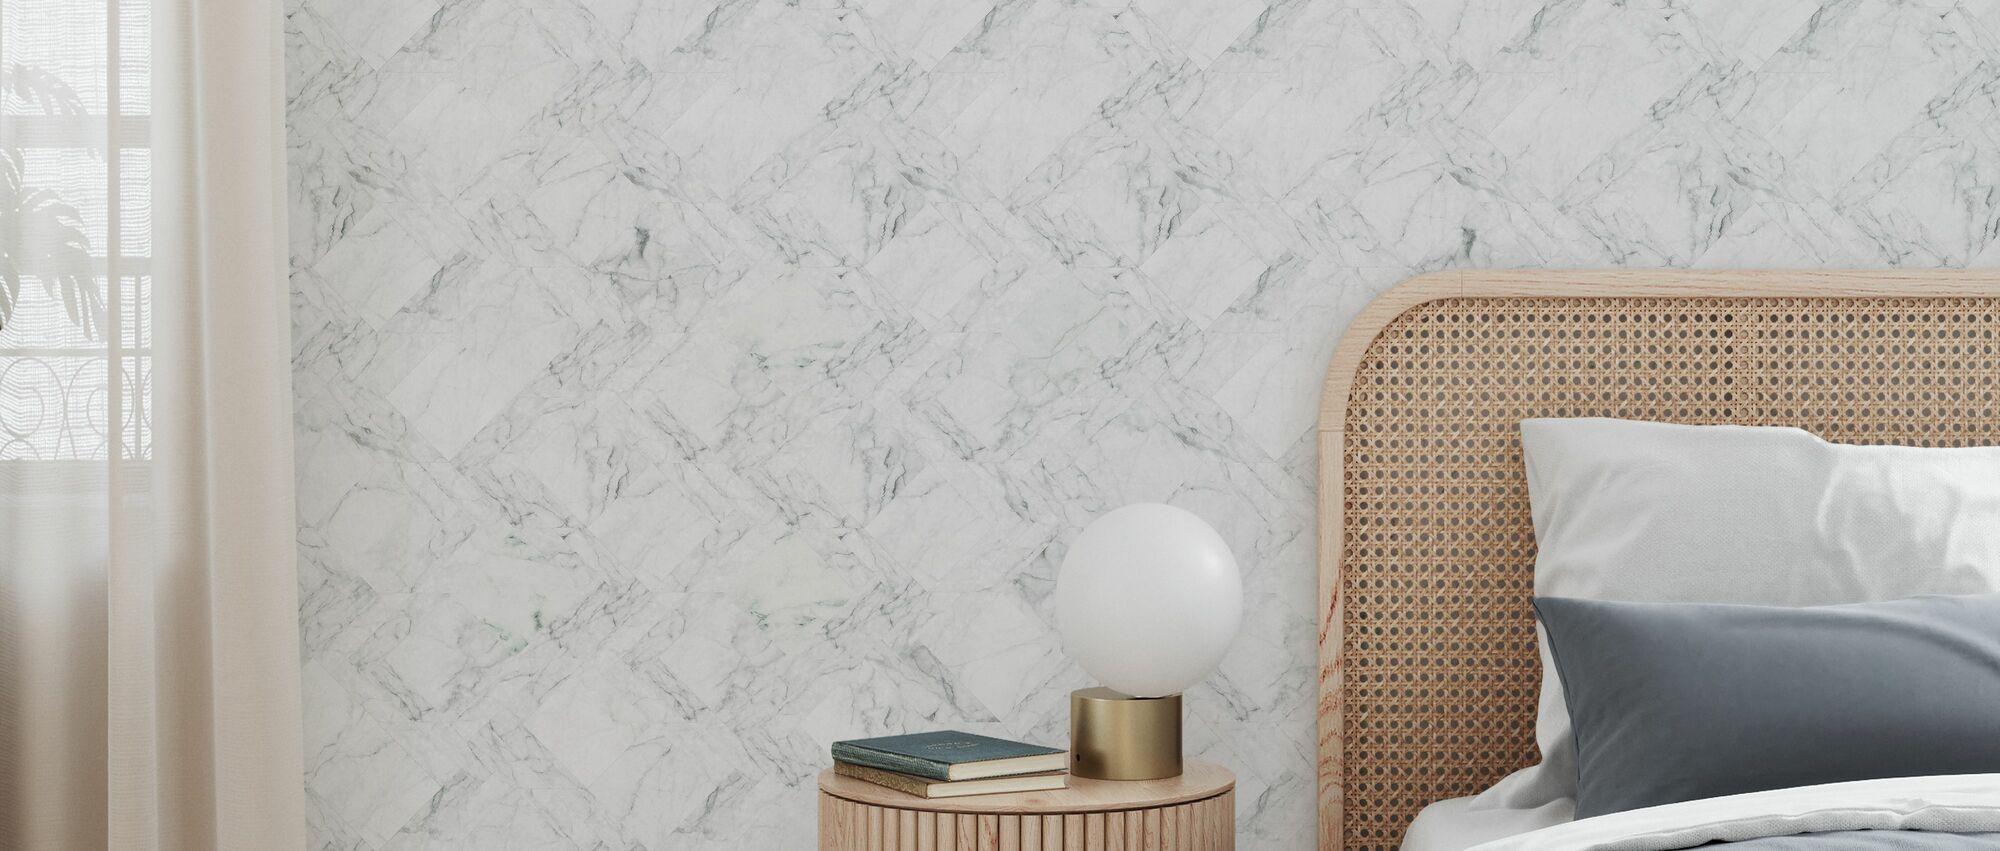 Marble Tiles - Green - Wallpaper - Bedroom